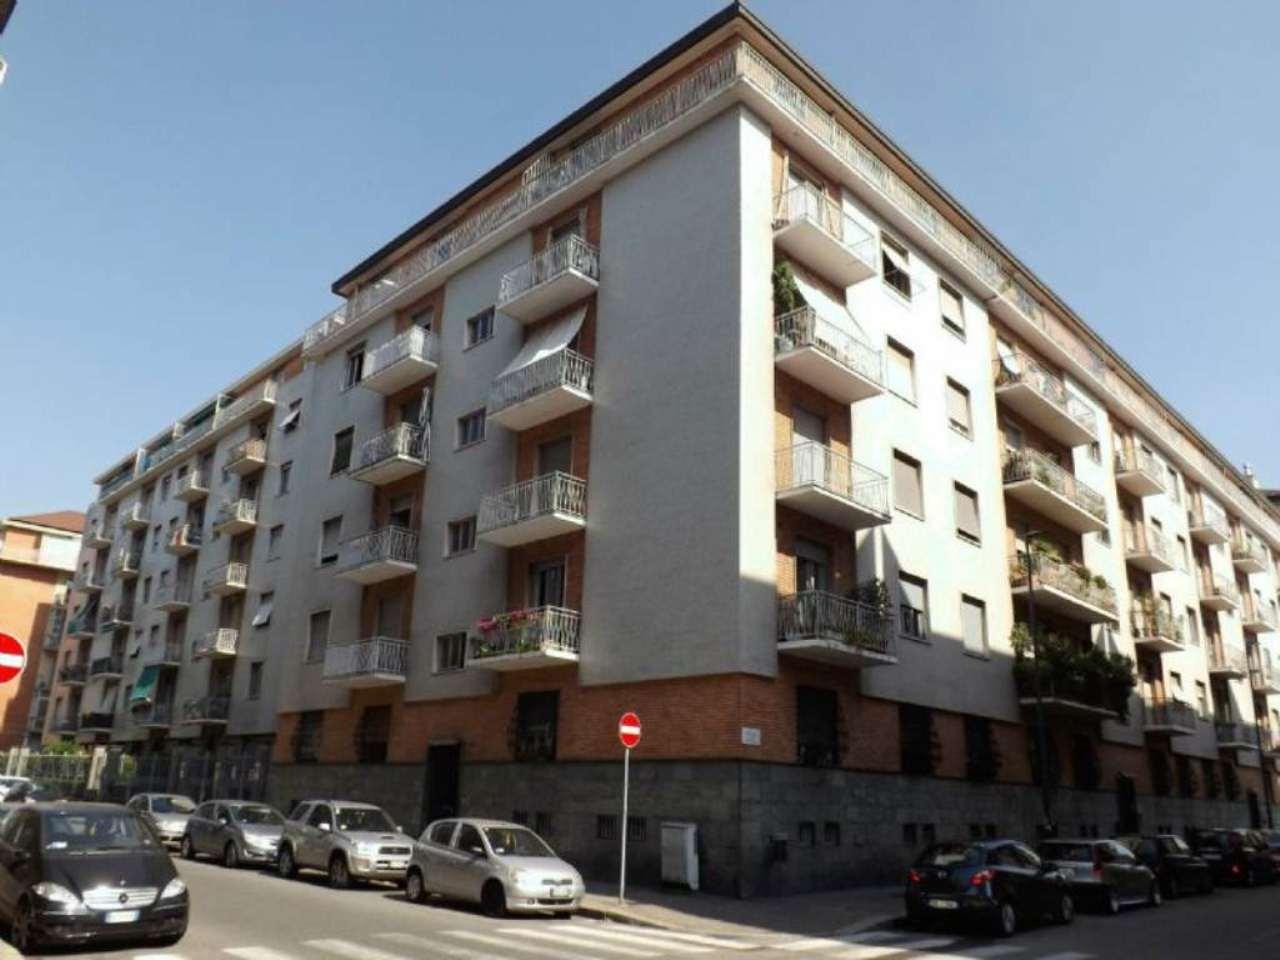 Appartamento in vendita a Torino, 4 locali, zona Zona: 7 . Santa Rita, prezzo € 148.000 | Cambio Casa.it